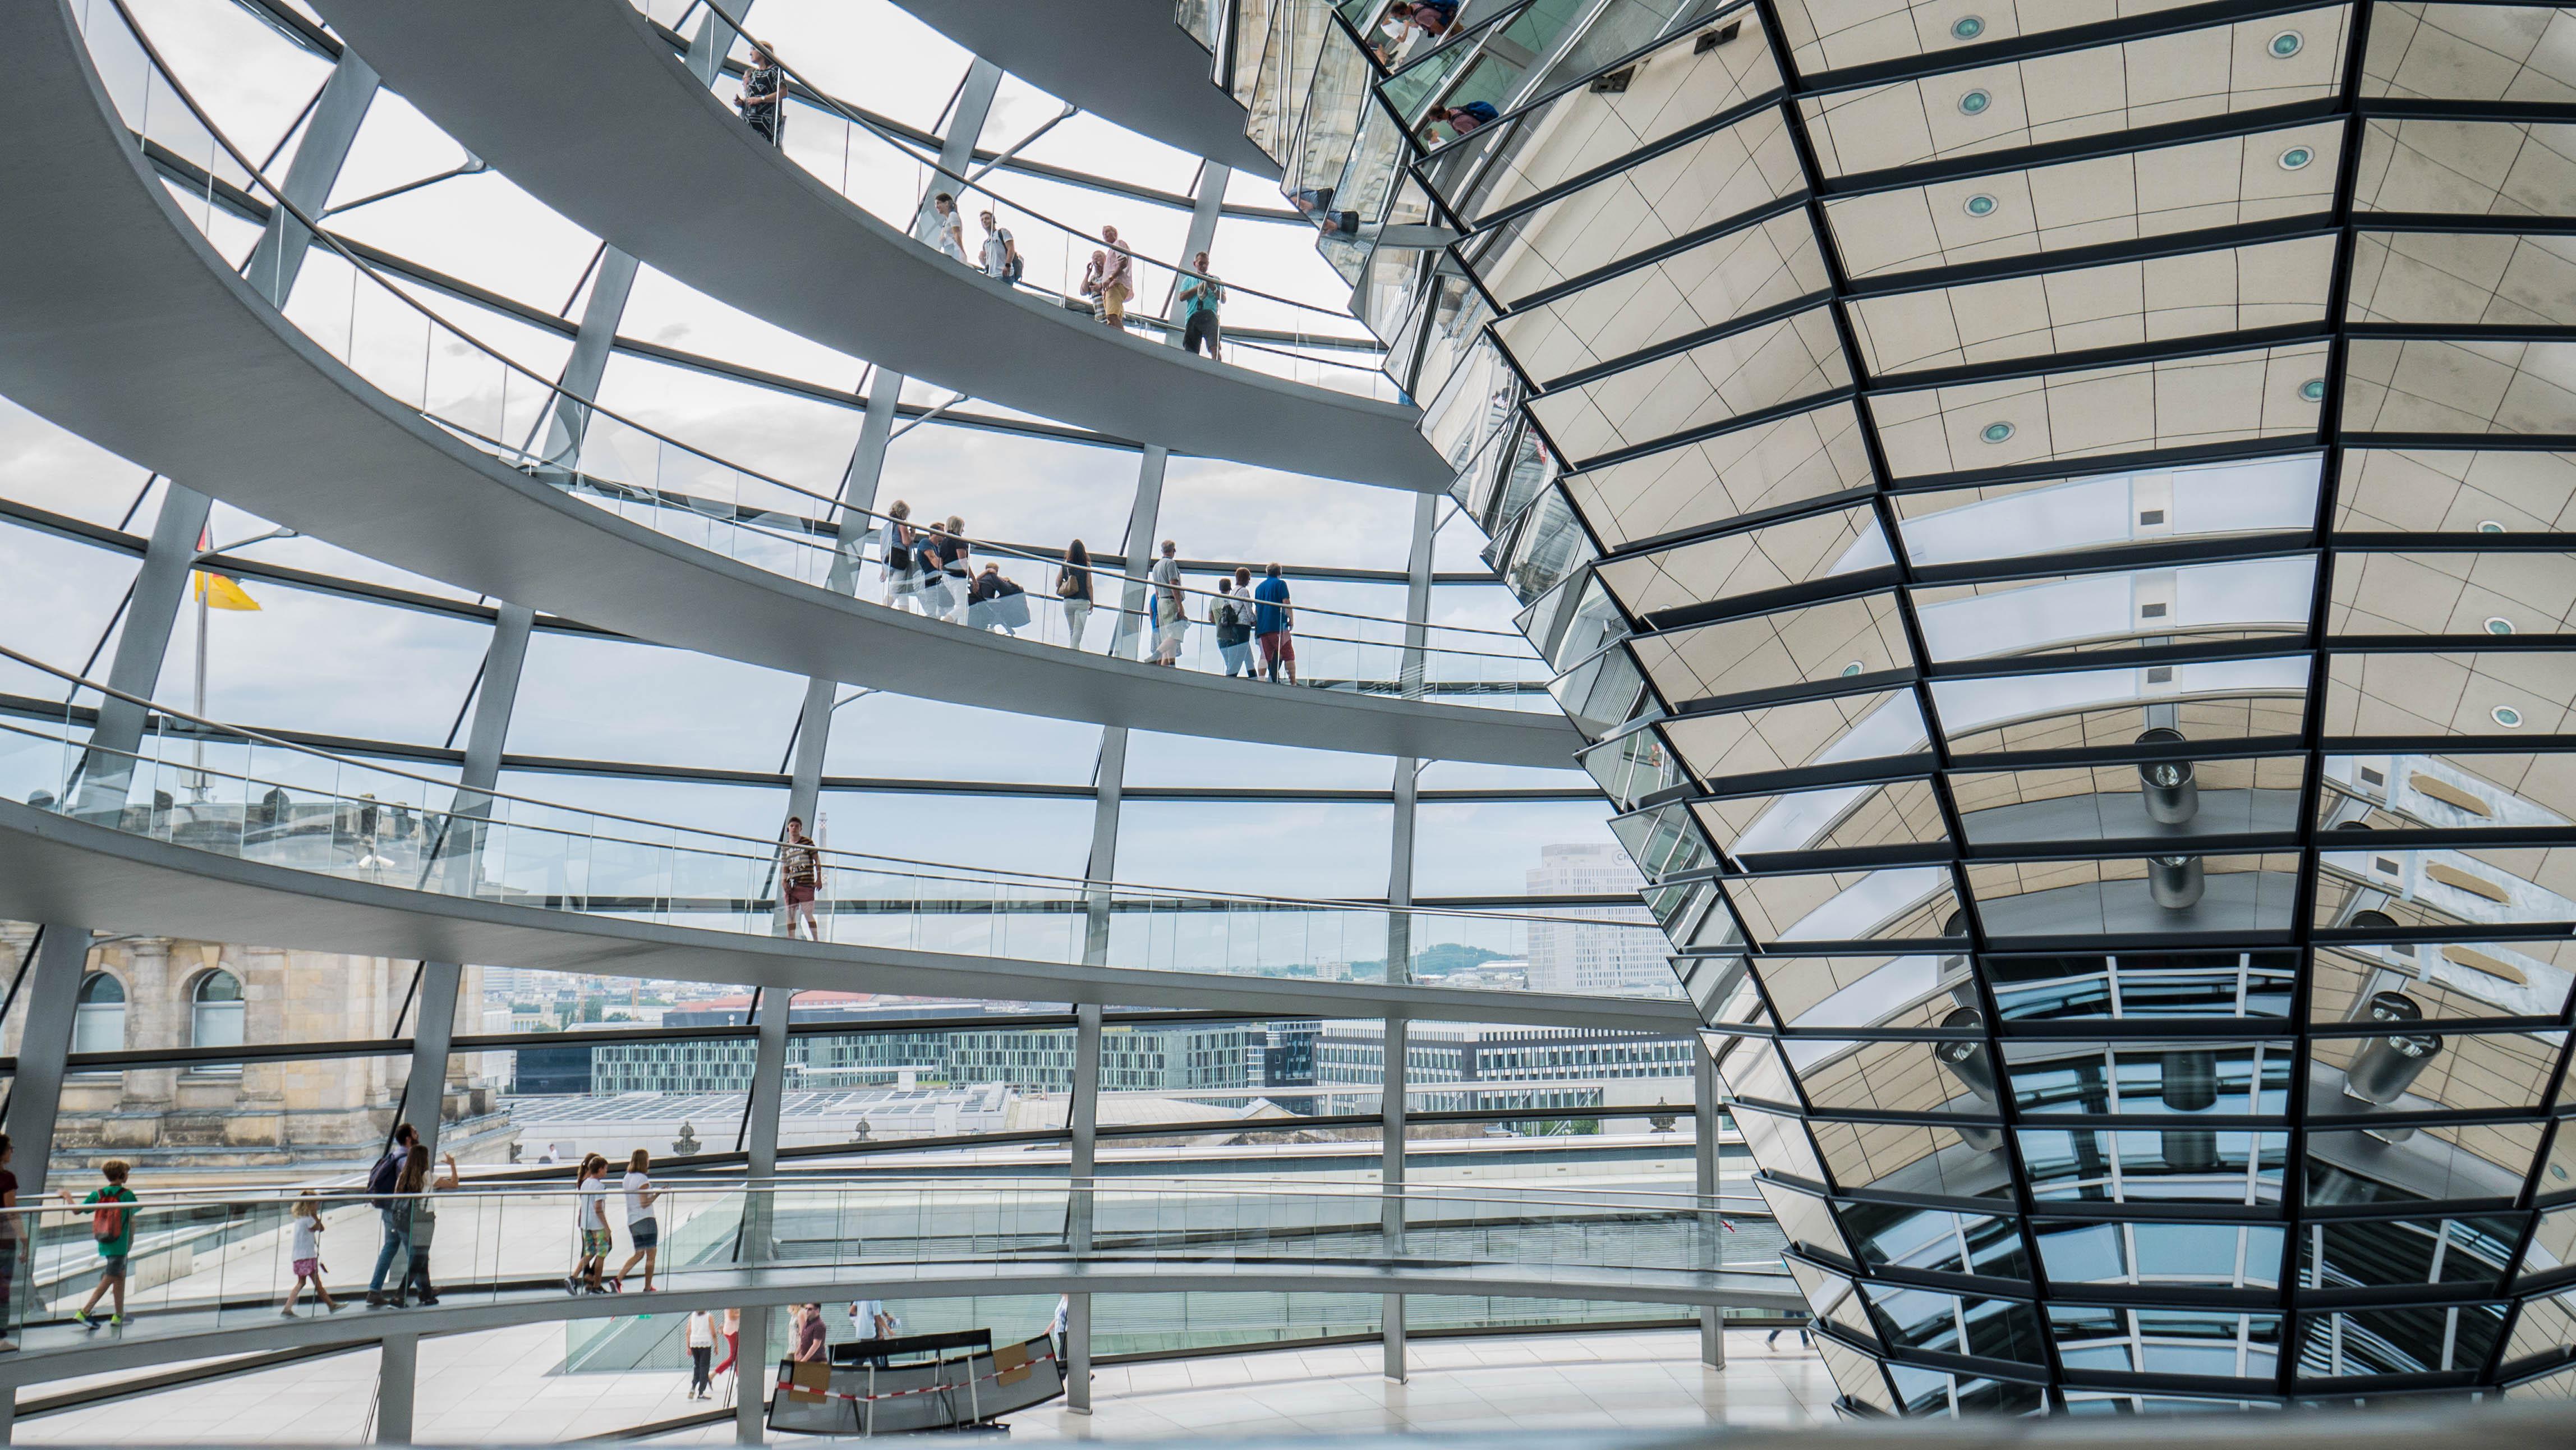 La coupole du Reichstag à Berlin.